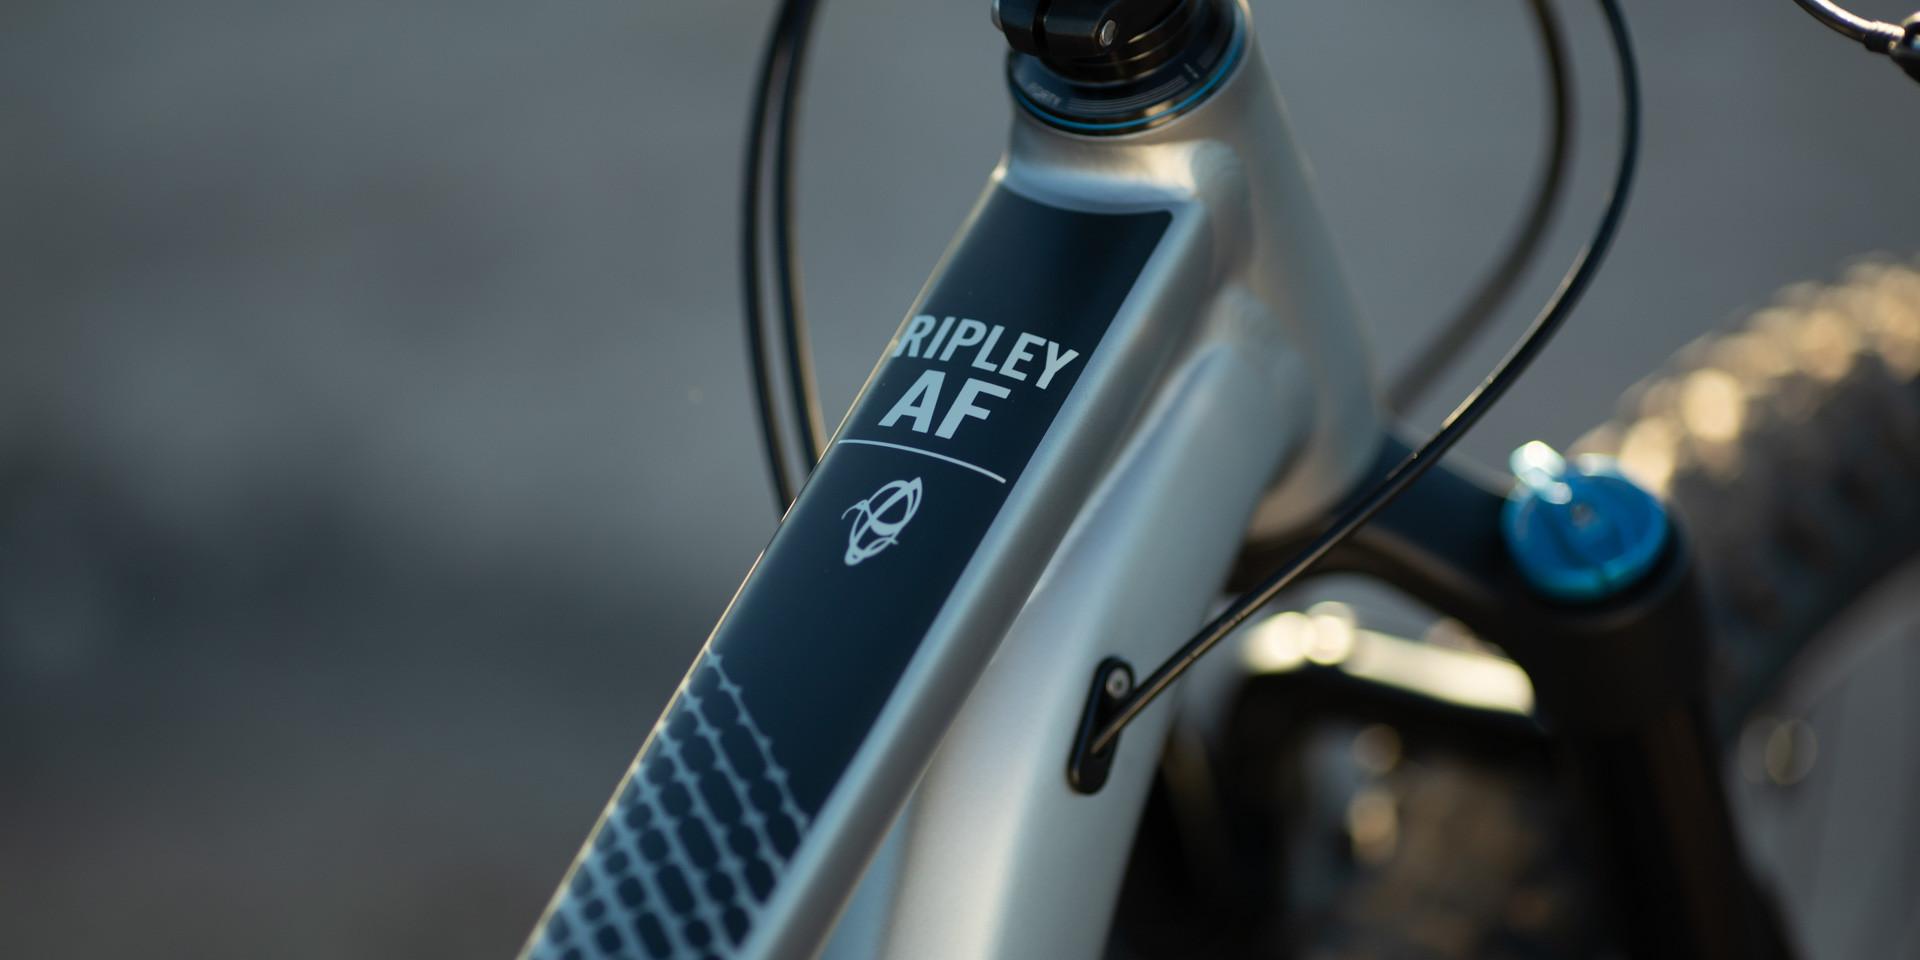 Ripley-AF-LM-0693.jpg